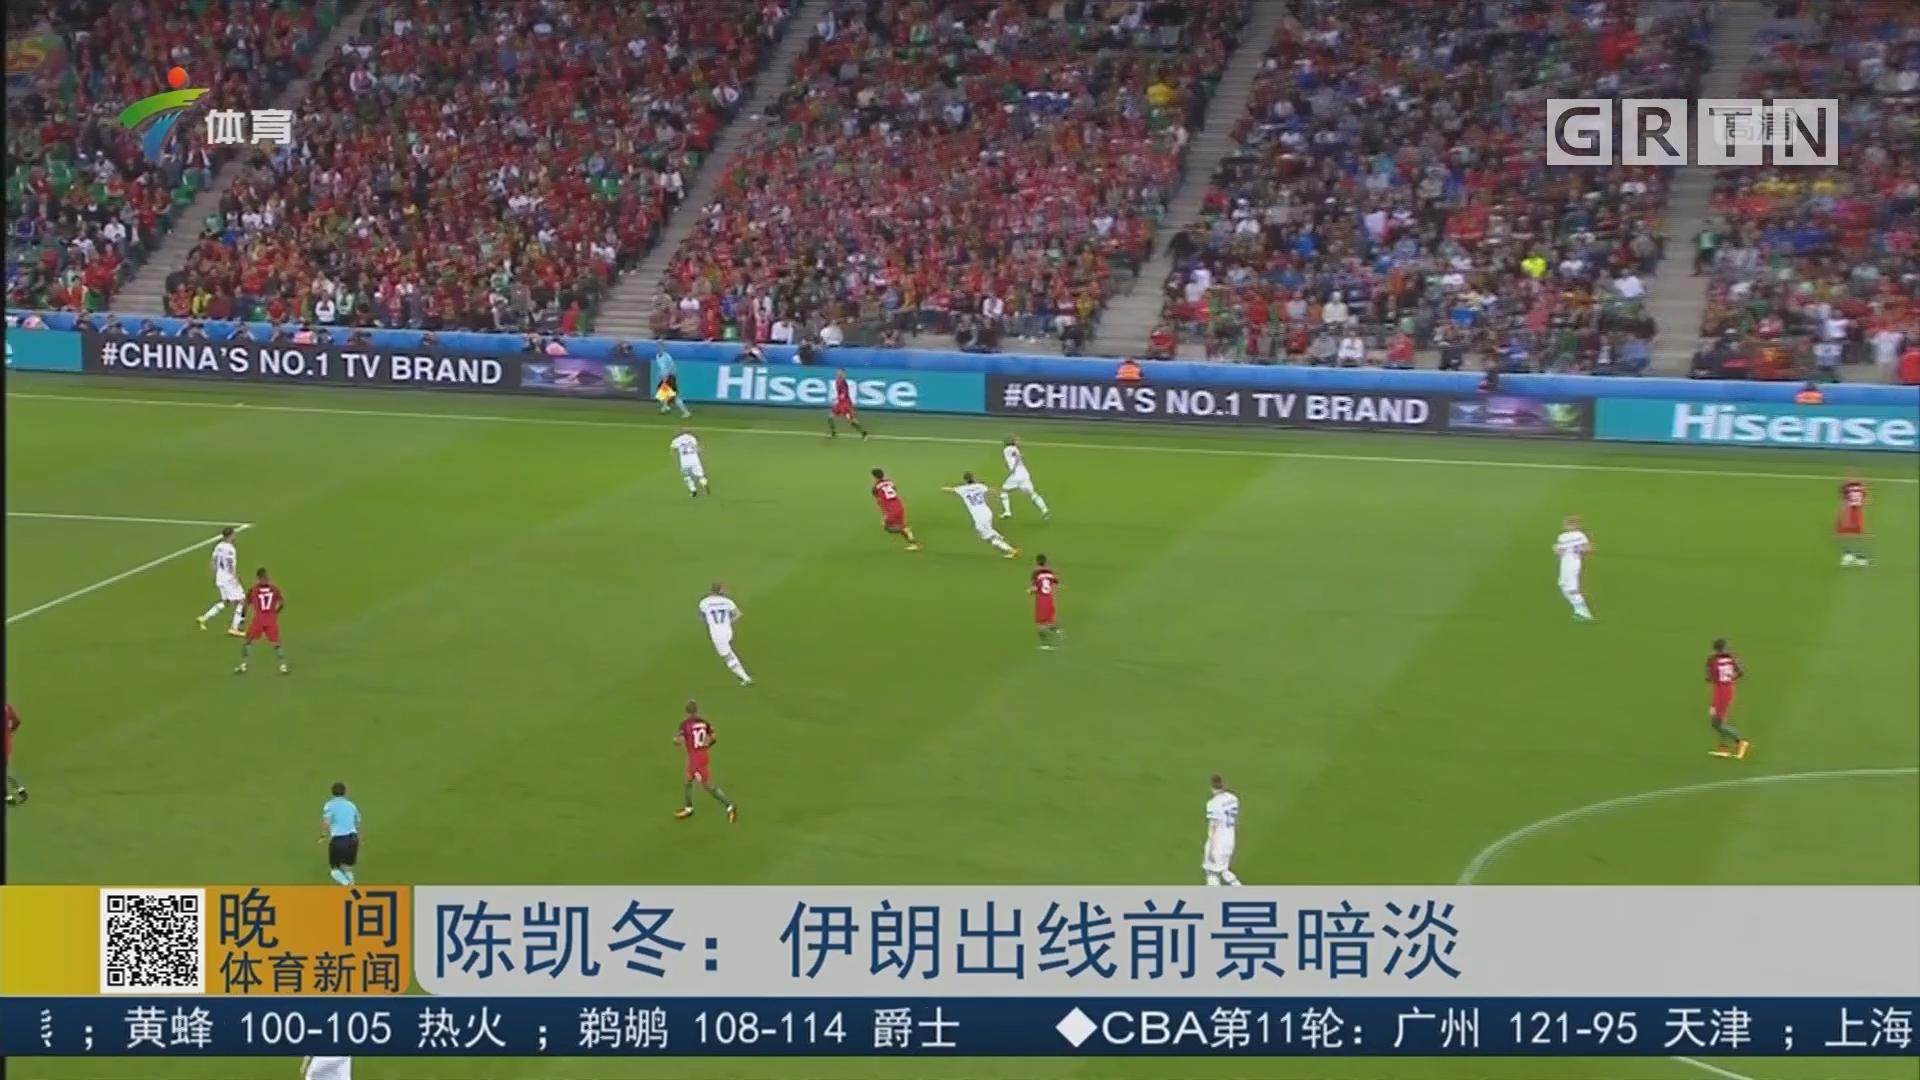 陈凯冬:伊朗出线前景暗淡